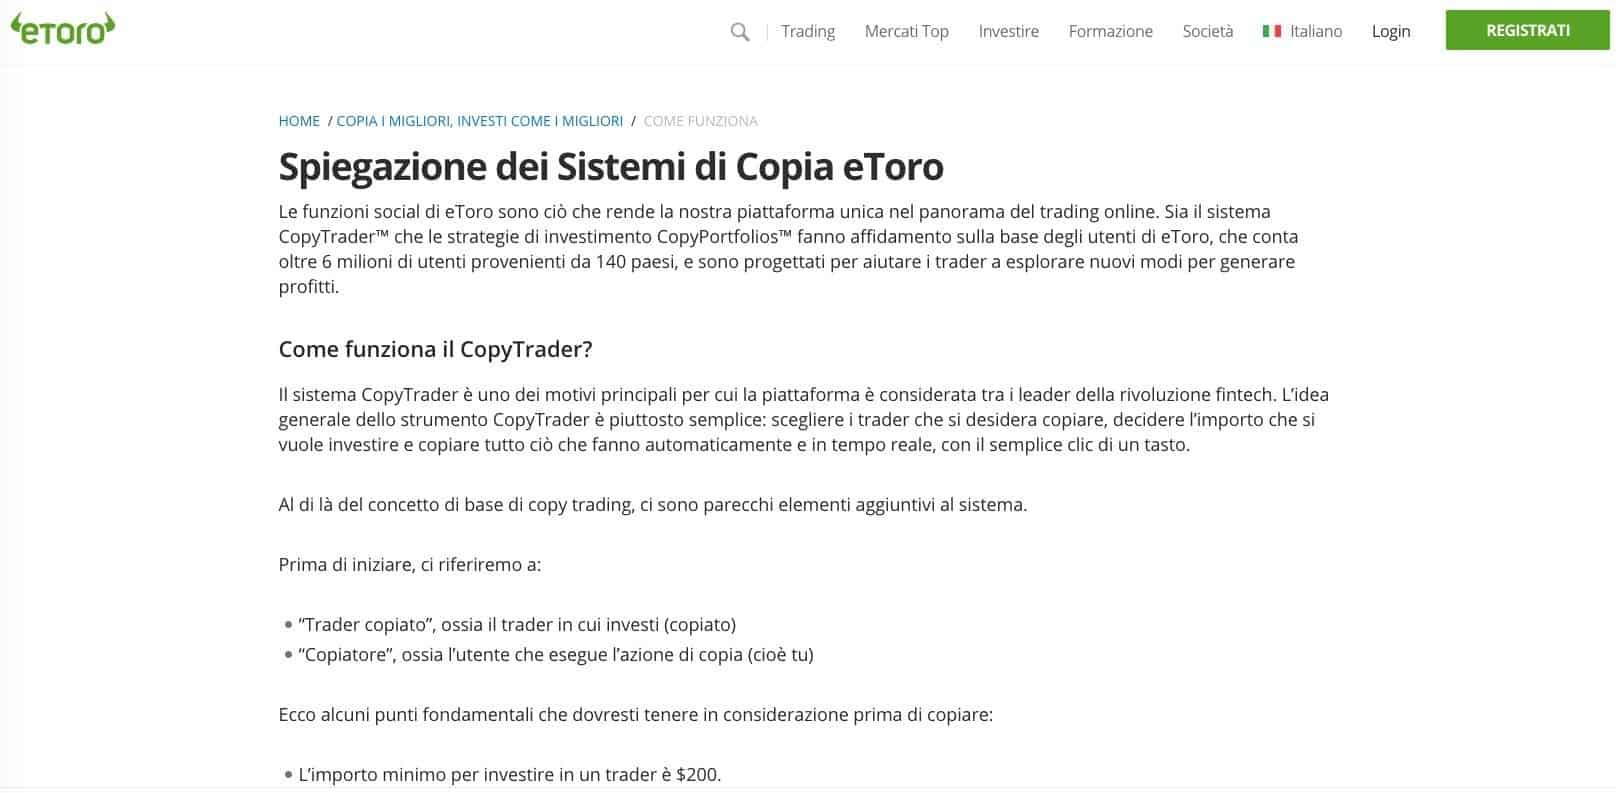 eToro CopyTrading